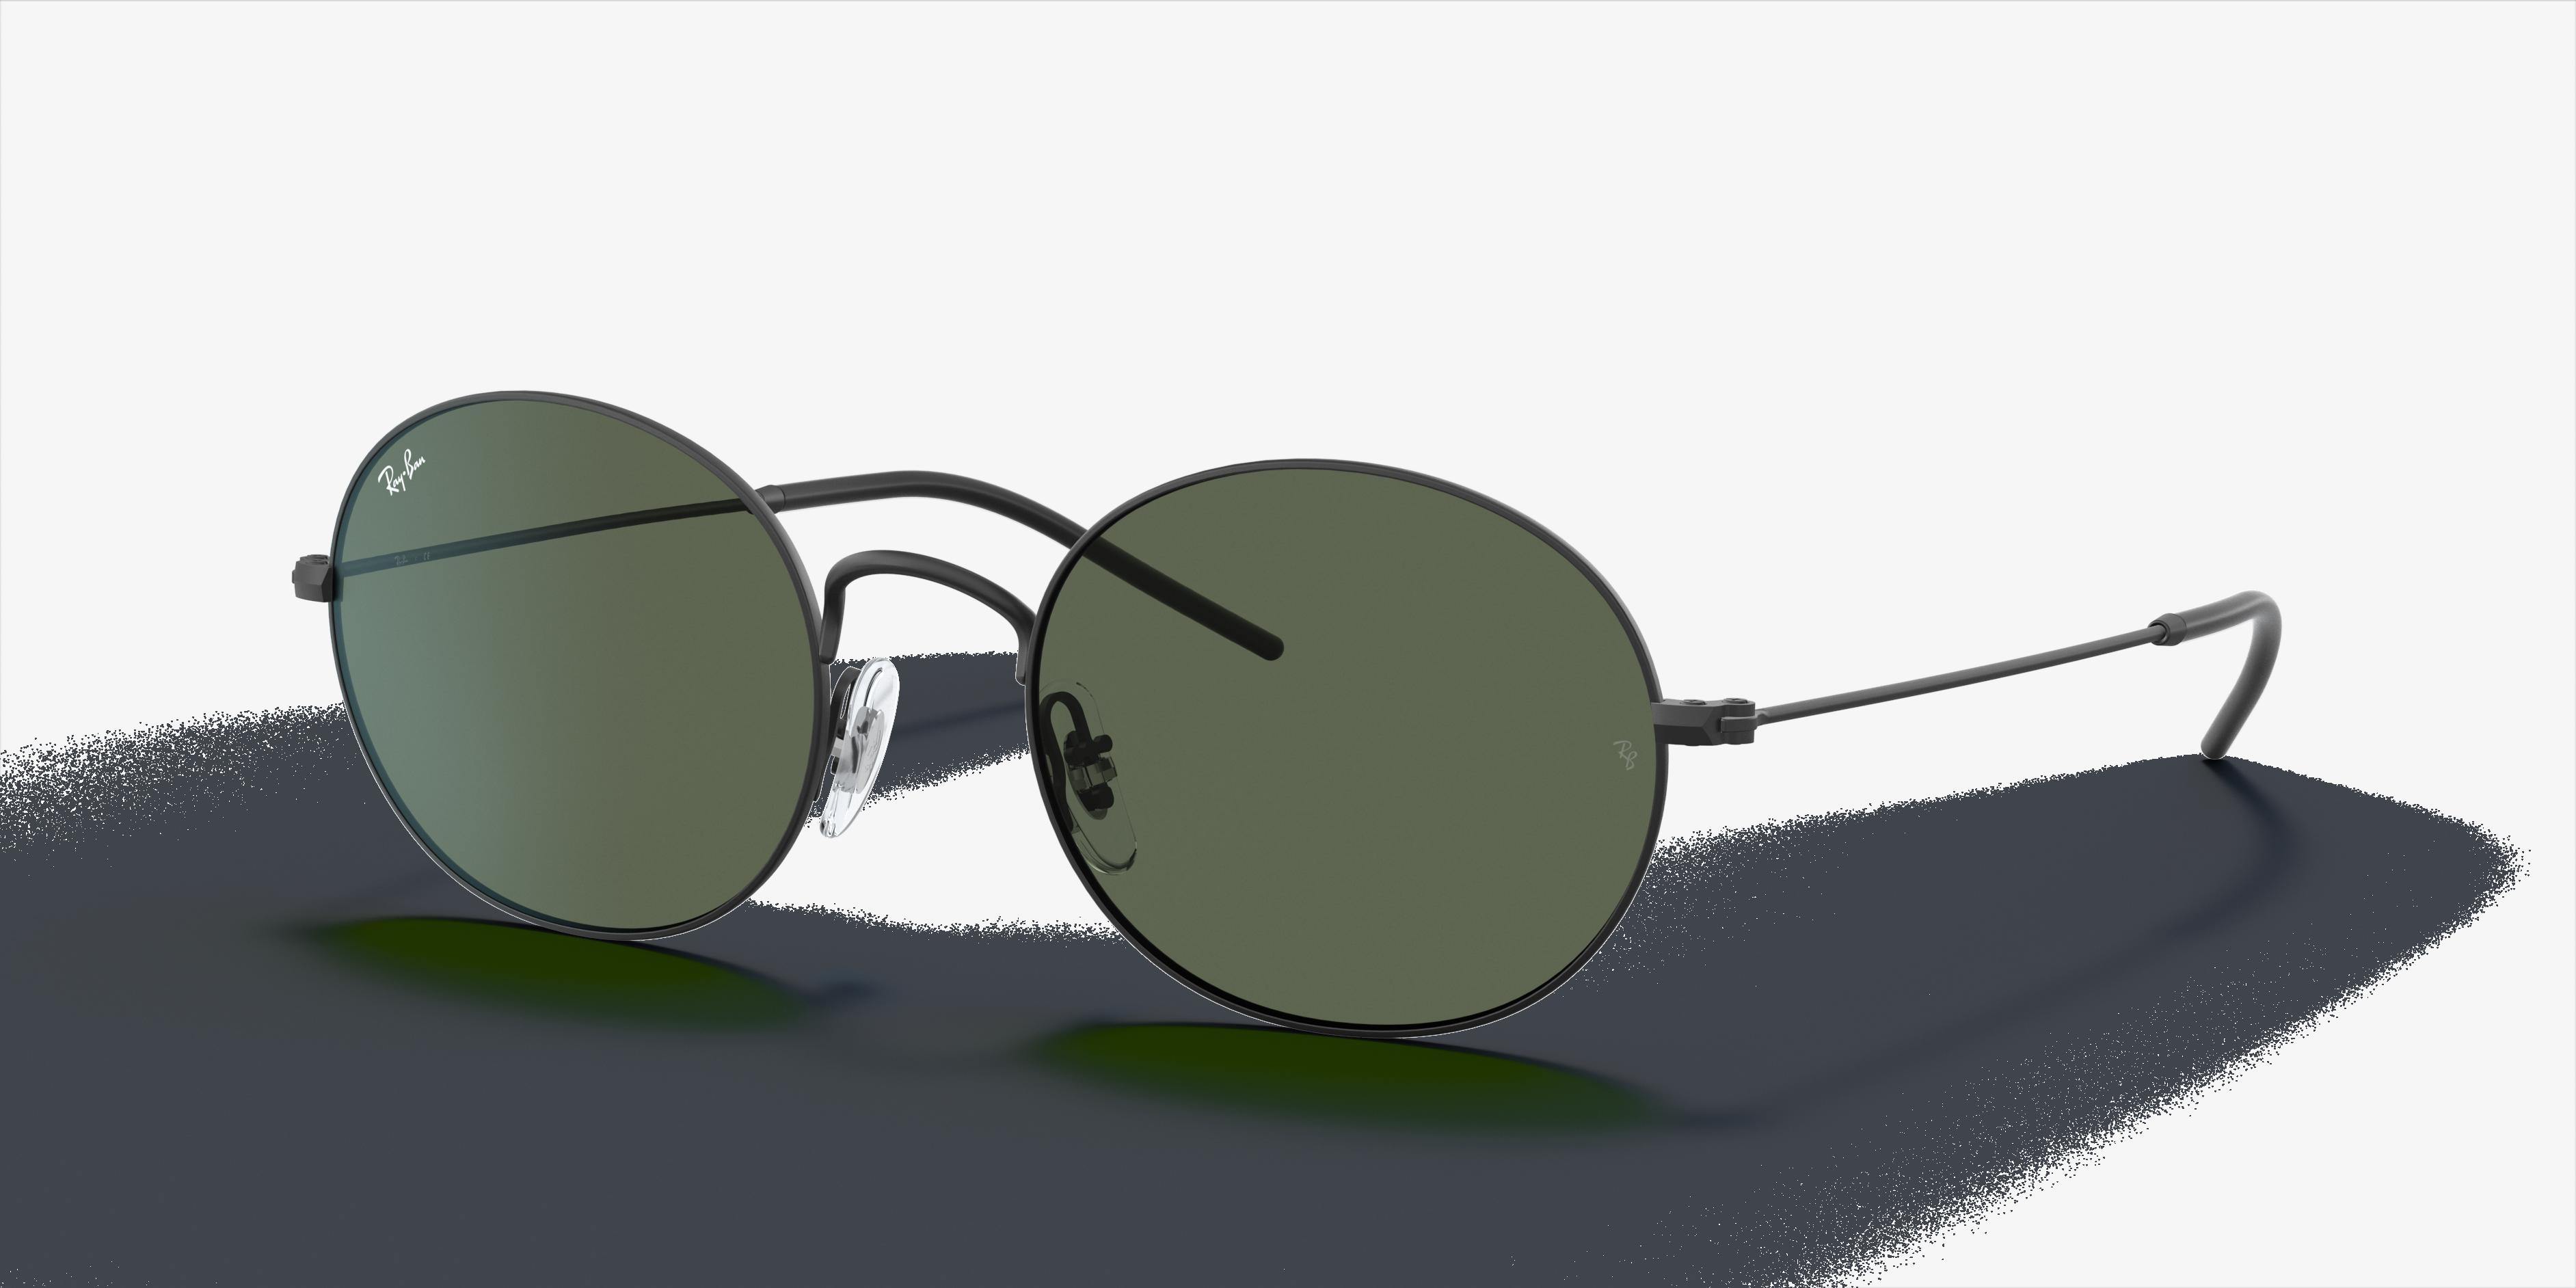 Ray-Ban Ray-ban Beat Black, Green Lenses - RB3594